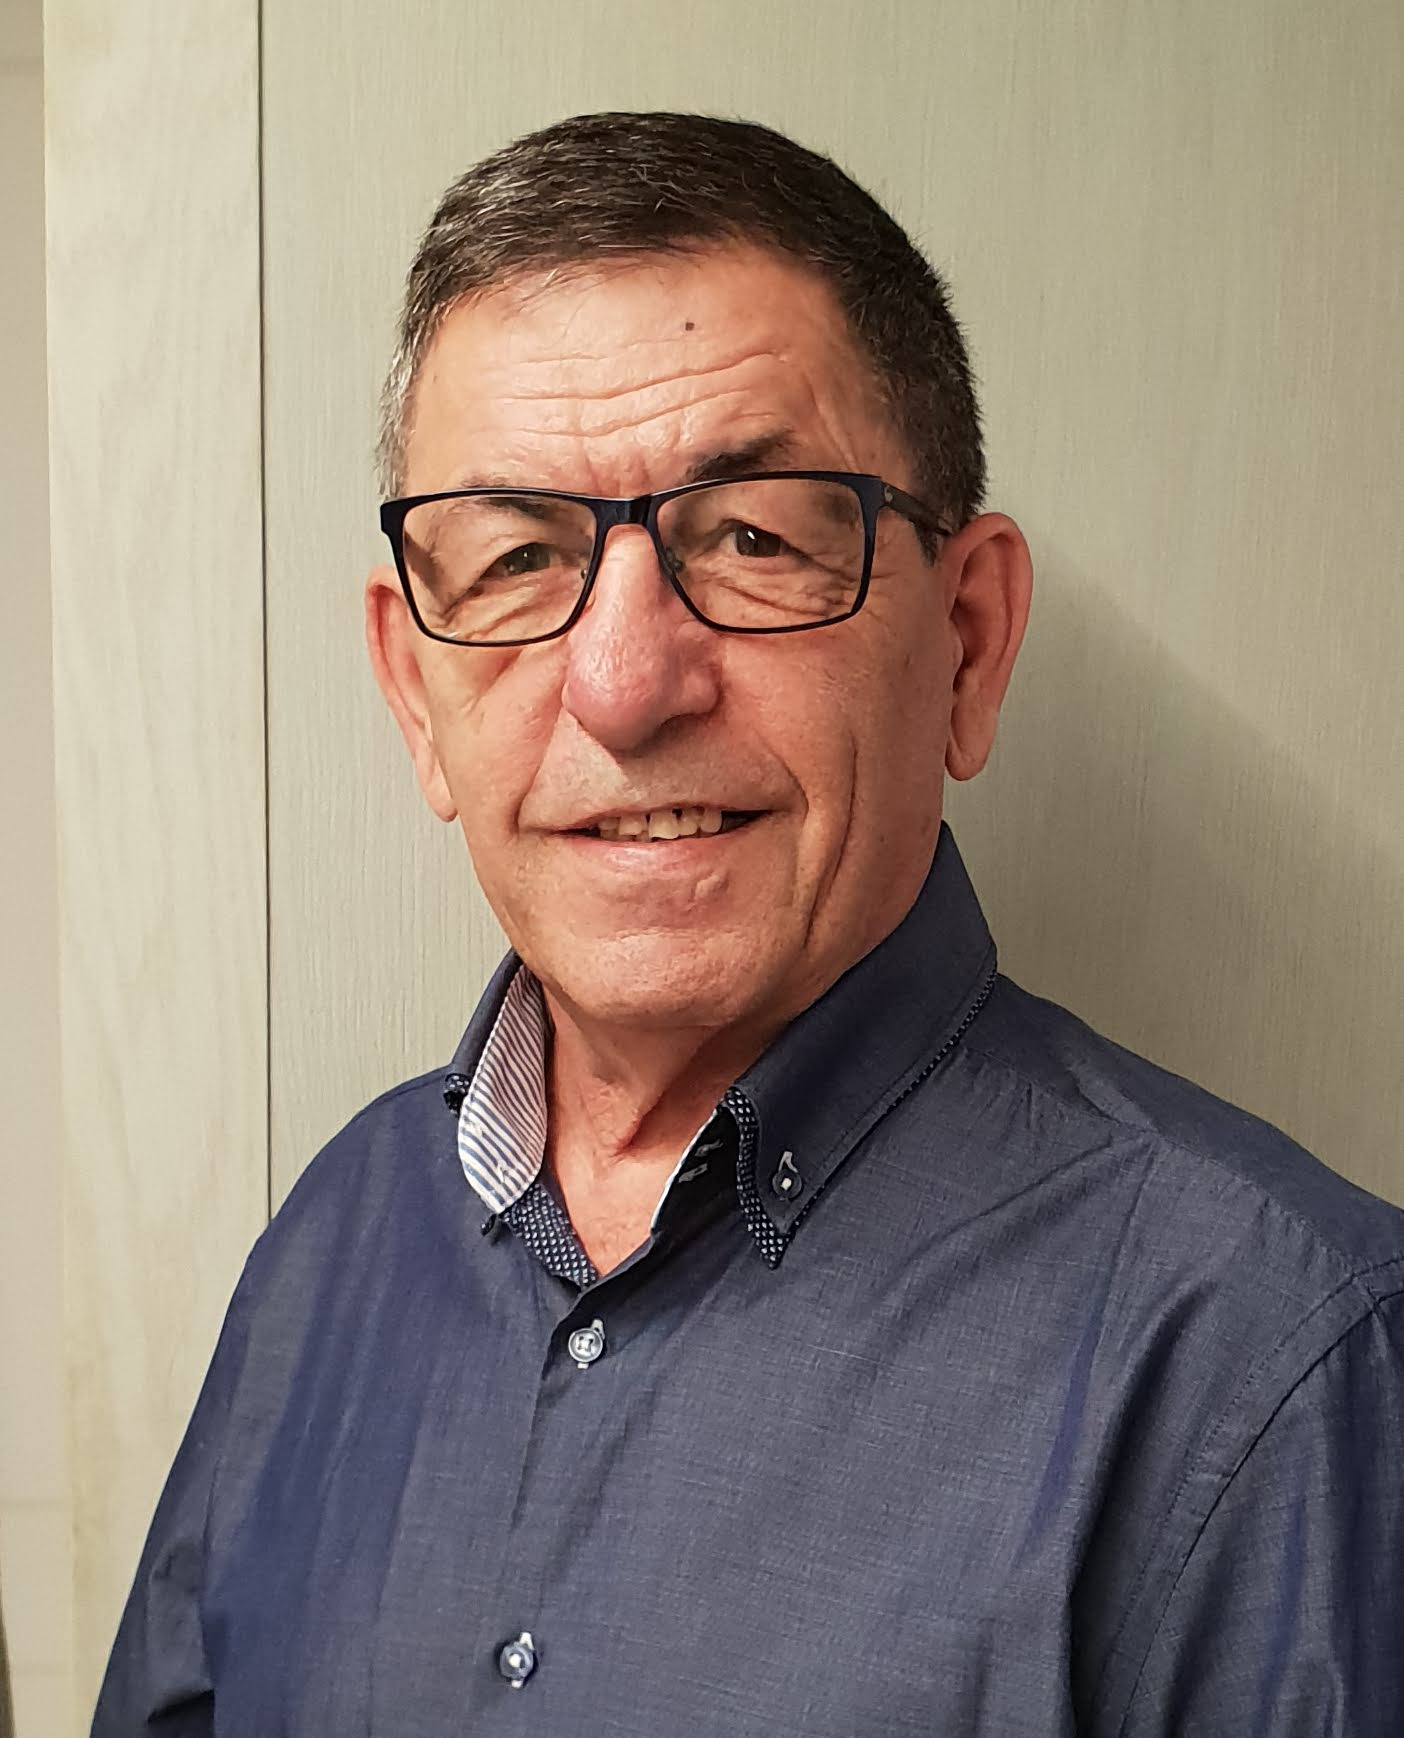 Arie Cederbaum